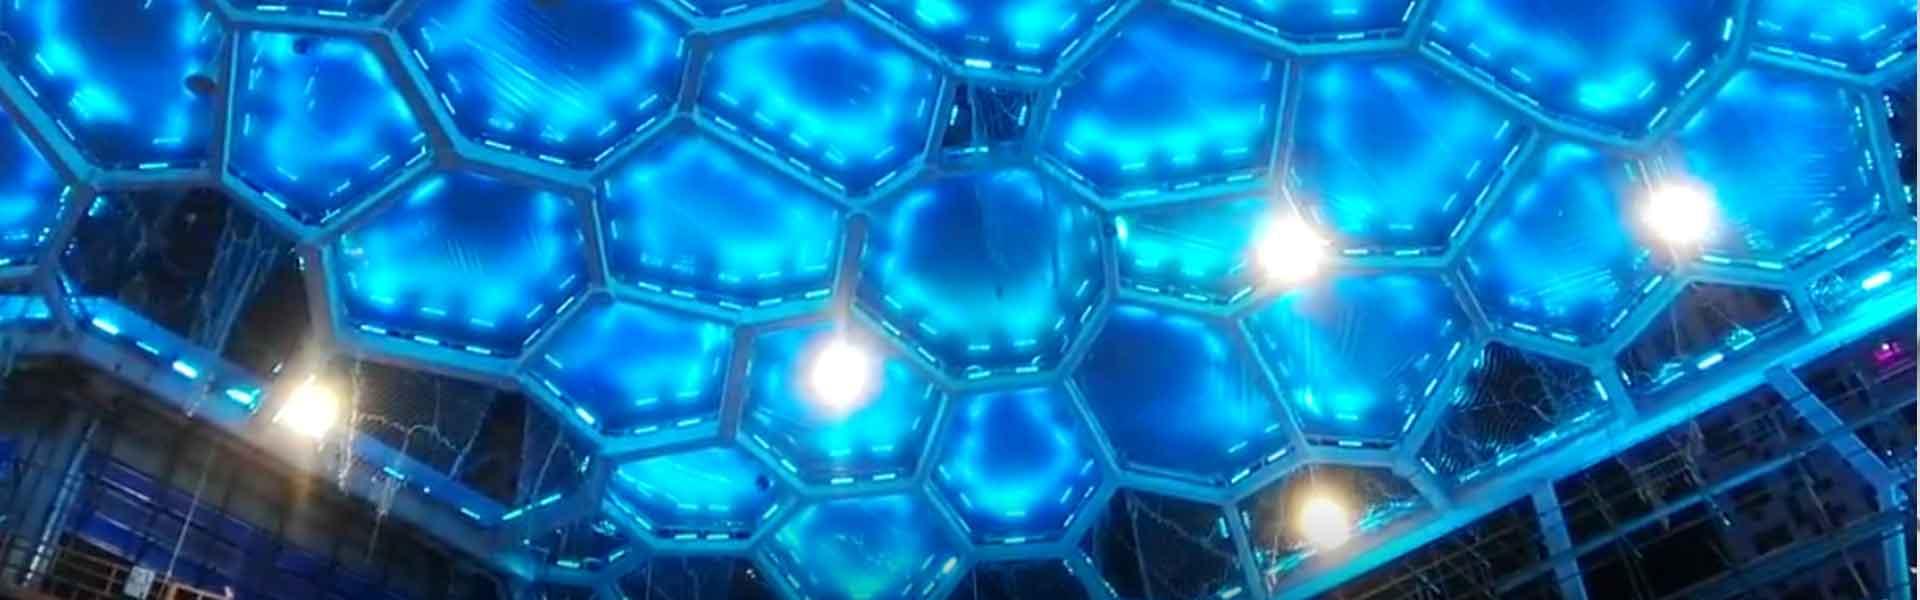 ETFE Structural Membrane Artitecture Membrane